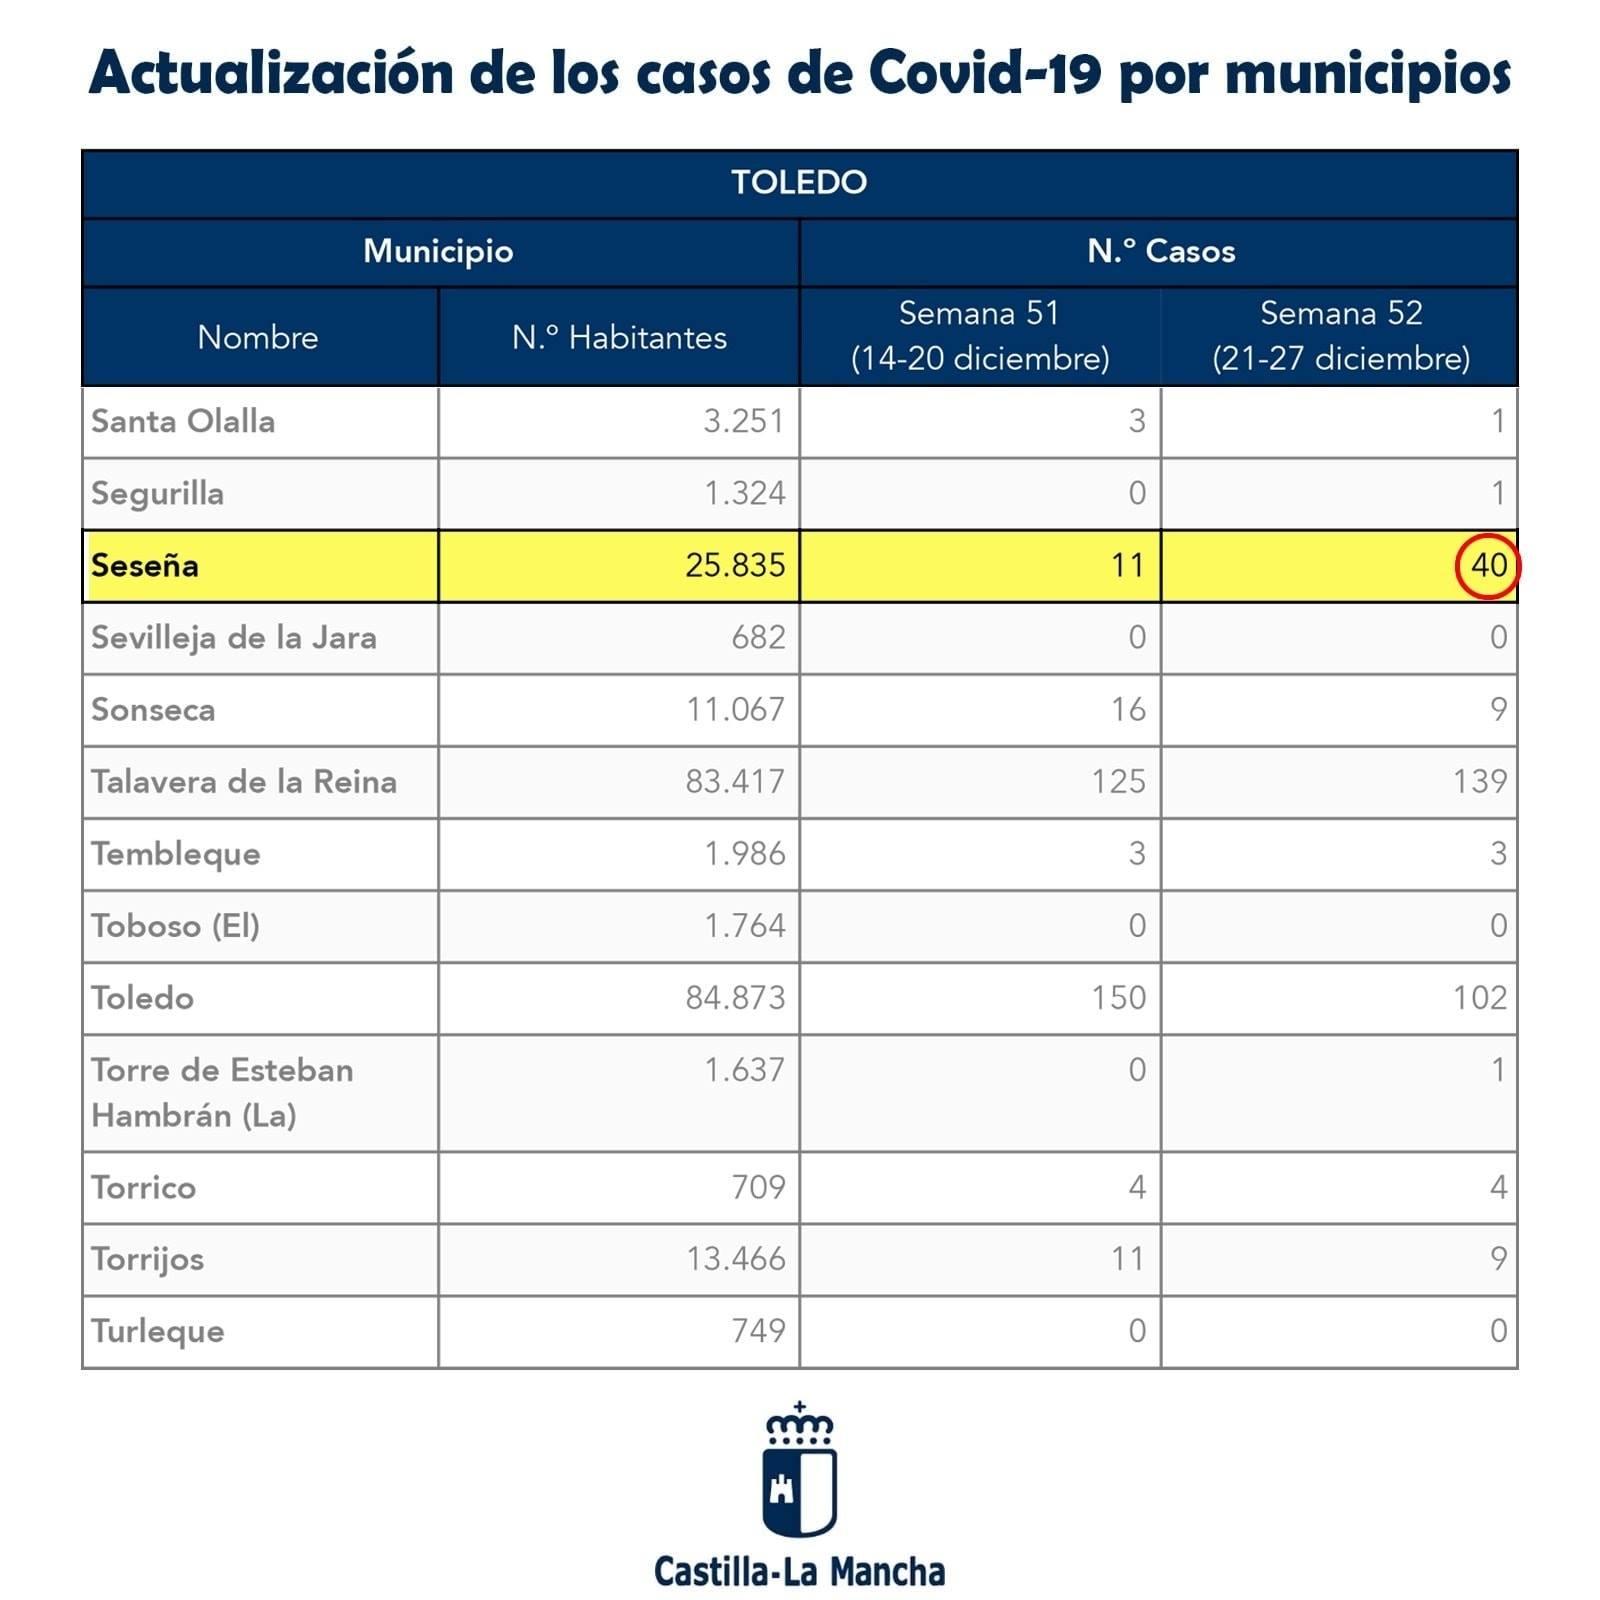 51 nuevos casos positivos de COVID-19 (diciembre 2020) - Seseña (Toledo)